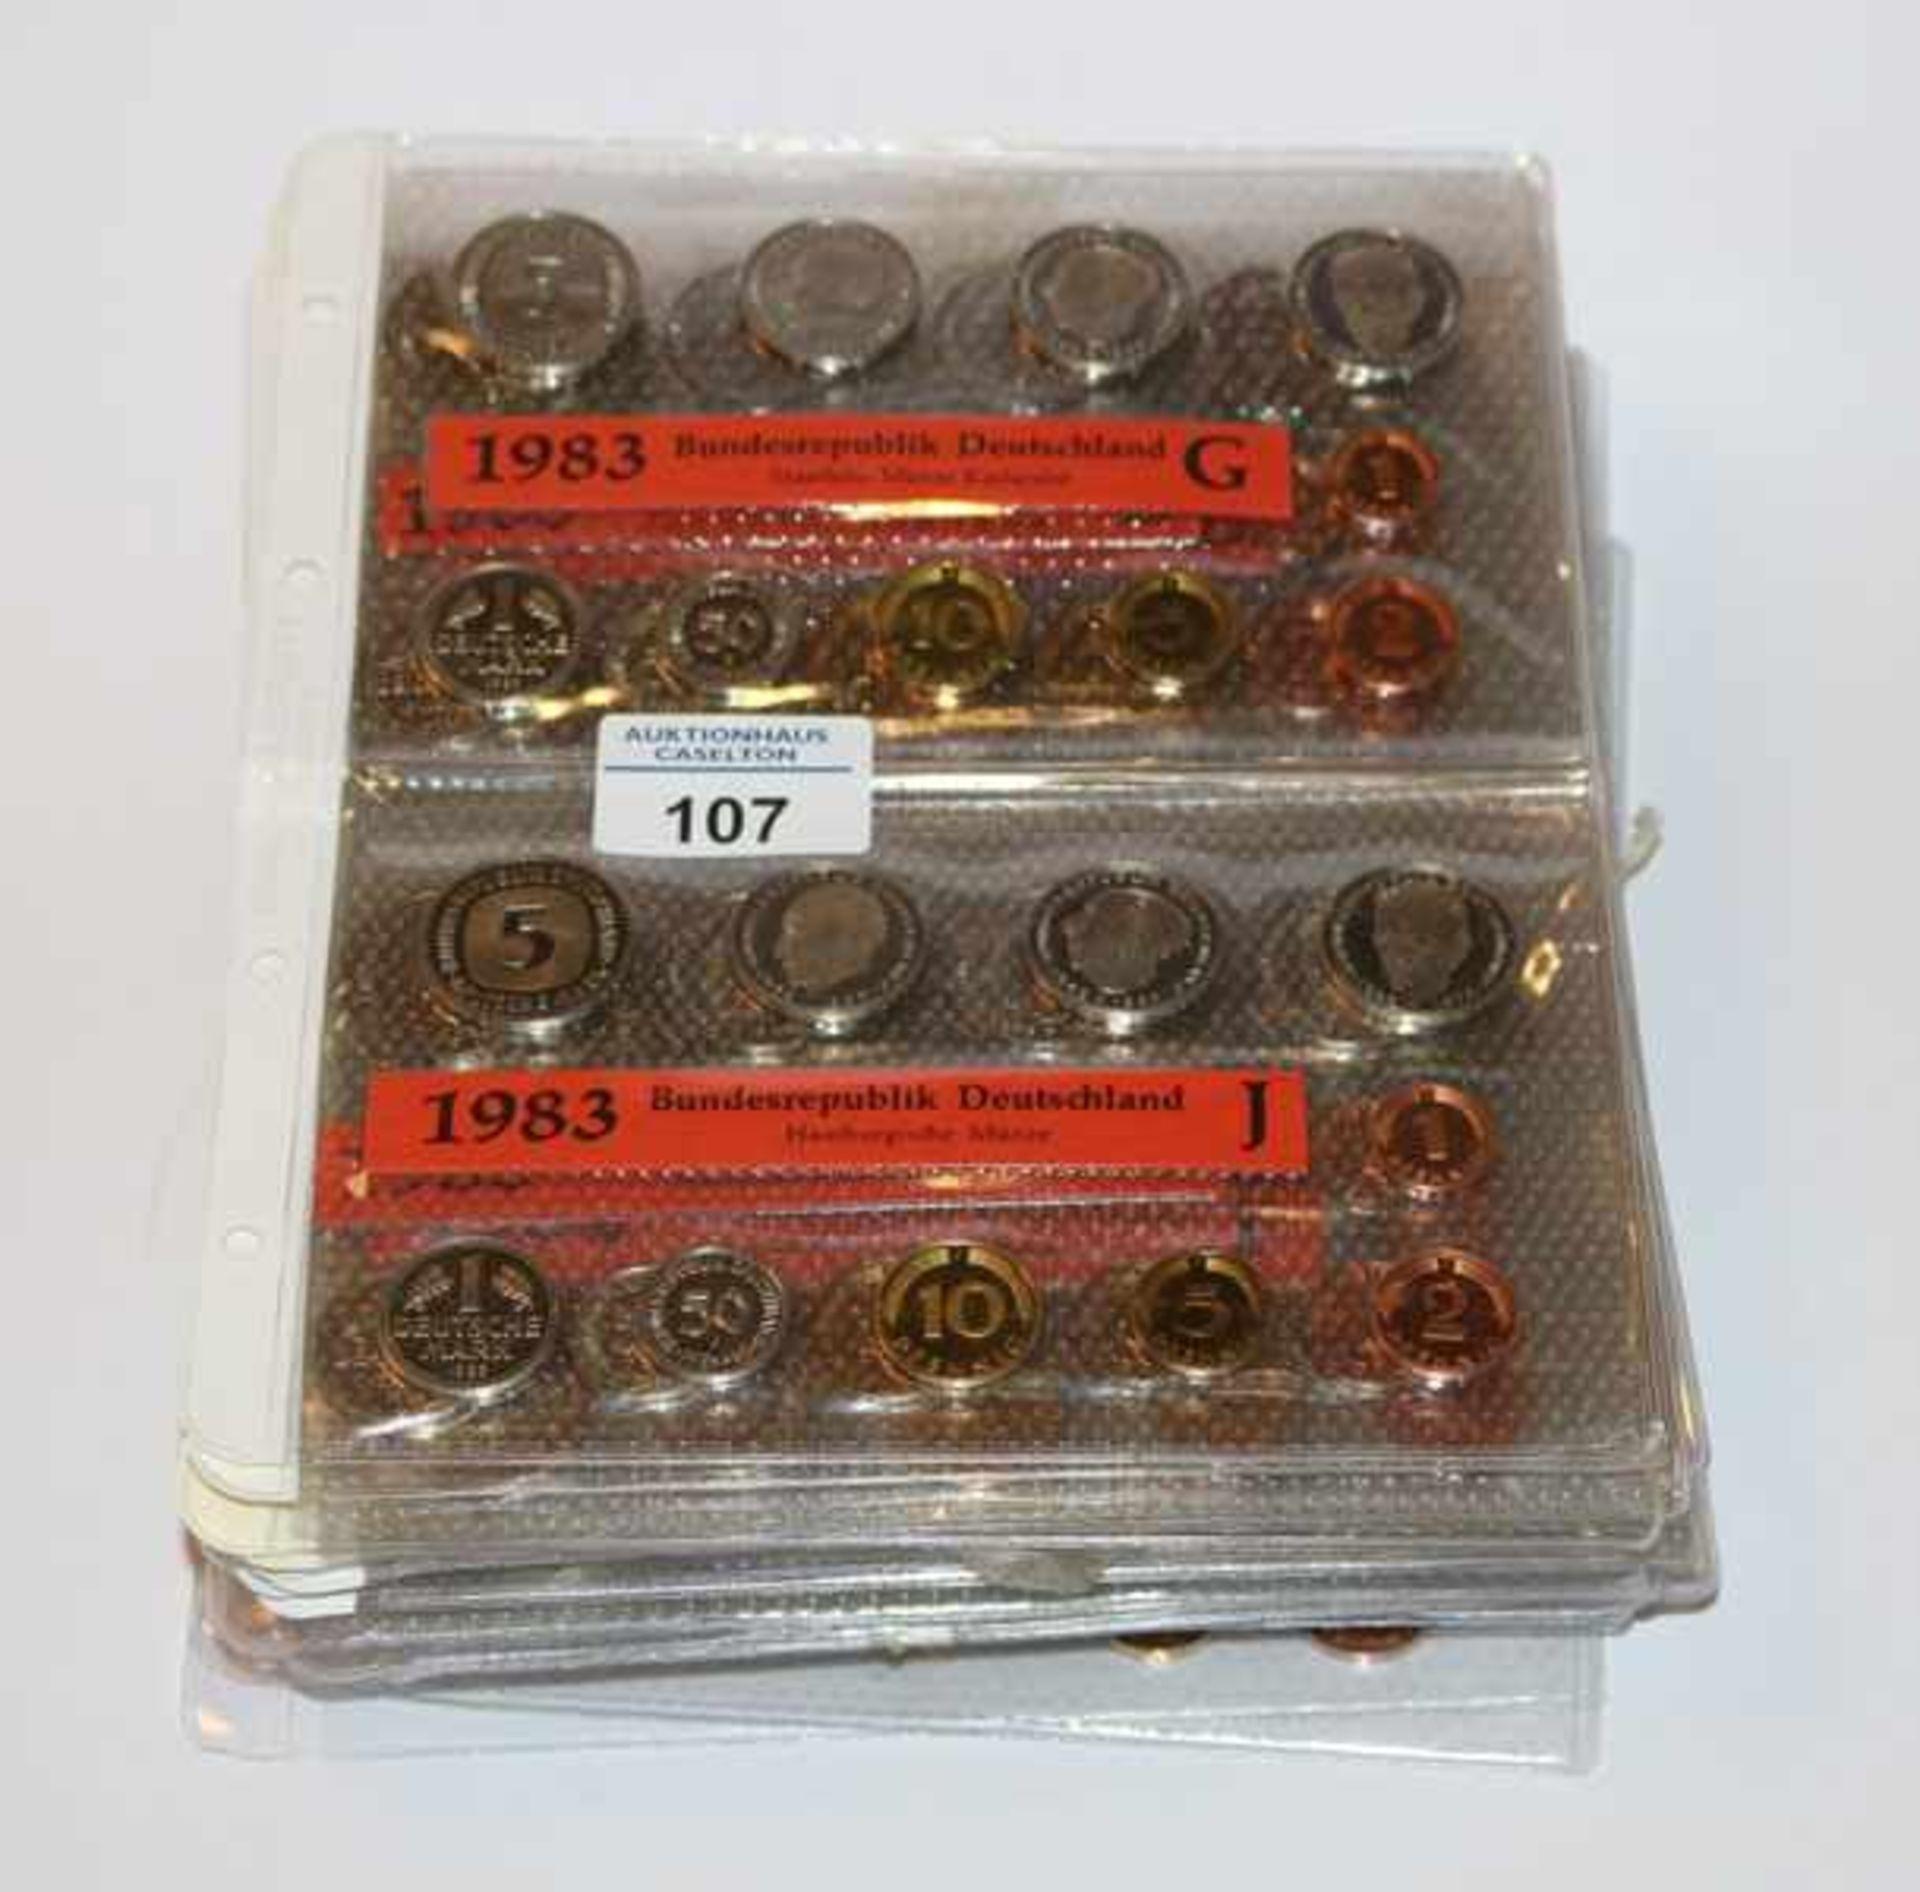 Kursmünzensätze der BRD von 1983 bis 1994, (1986 F und G fehlen), 634,-- DM Nominalwert